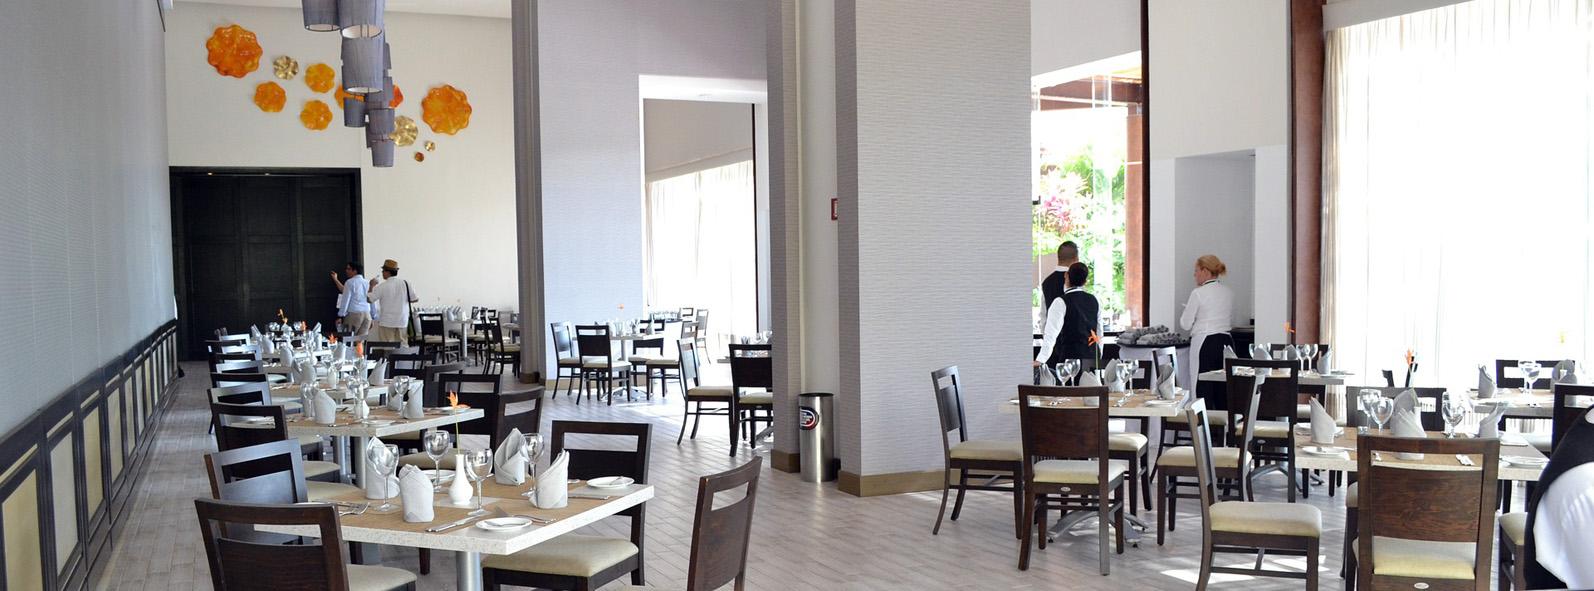 Som ambiente em restaurante